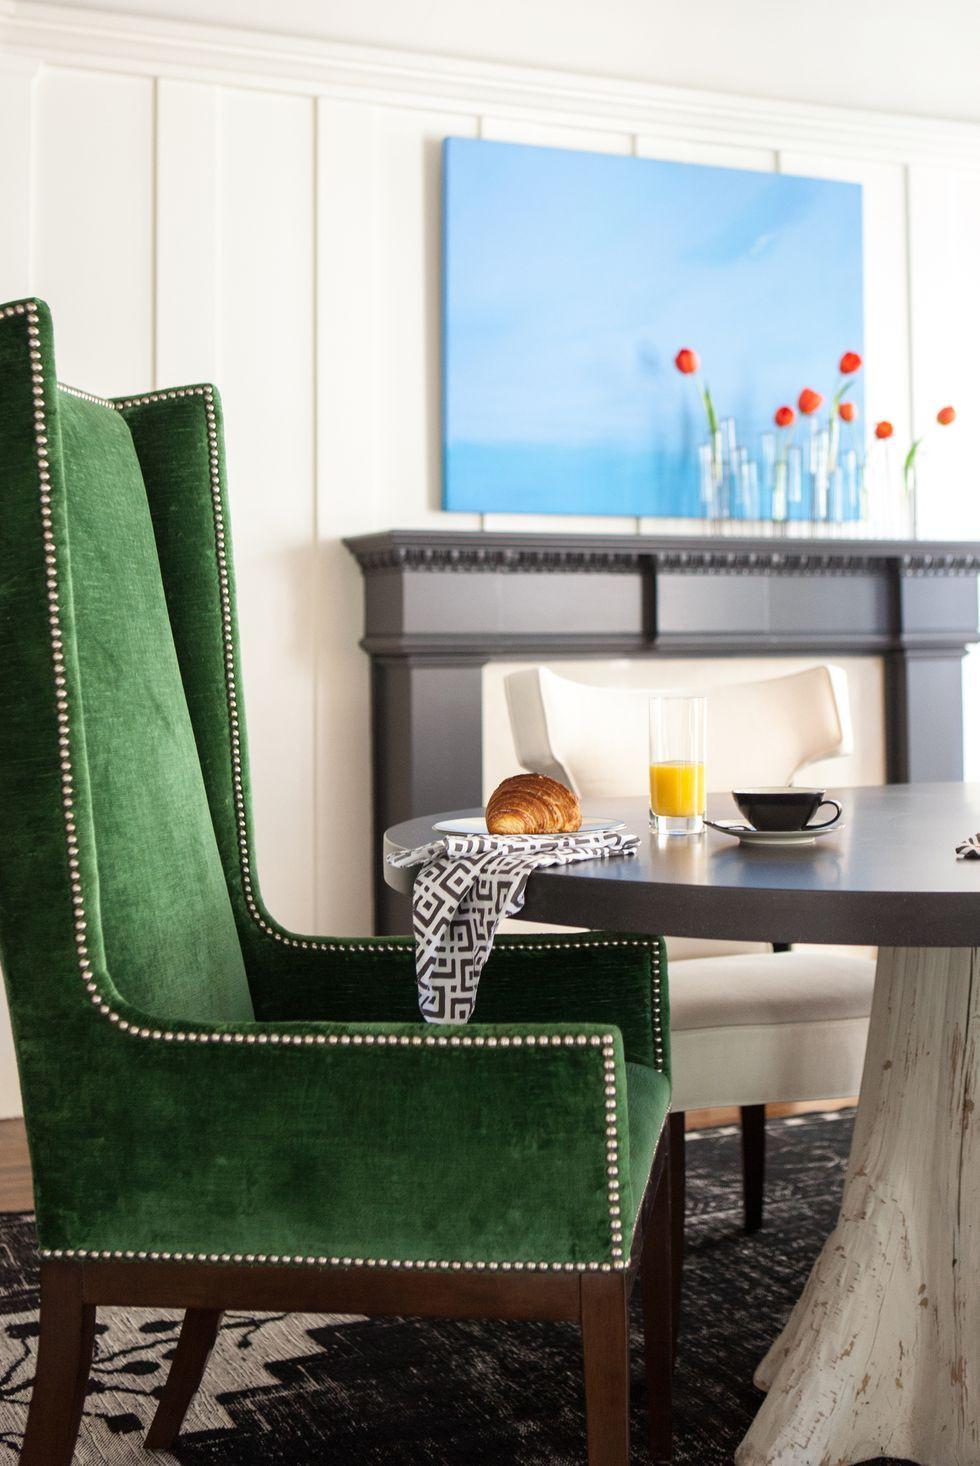 6 gam màu trang trí nhà lấy cảm hứng từ mùa thu thơ mộng được tạp chí nội thất danh giá khuyên dùng - Ảnh 3.